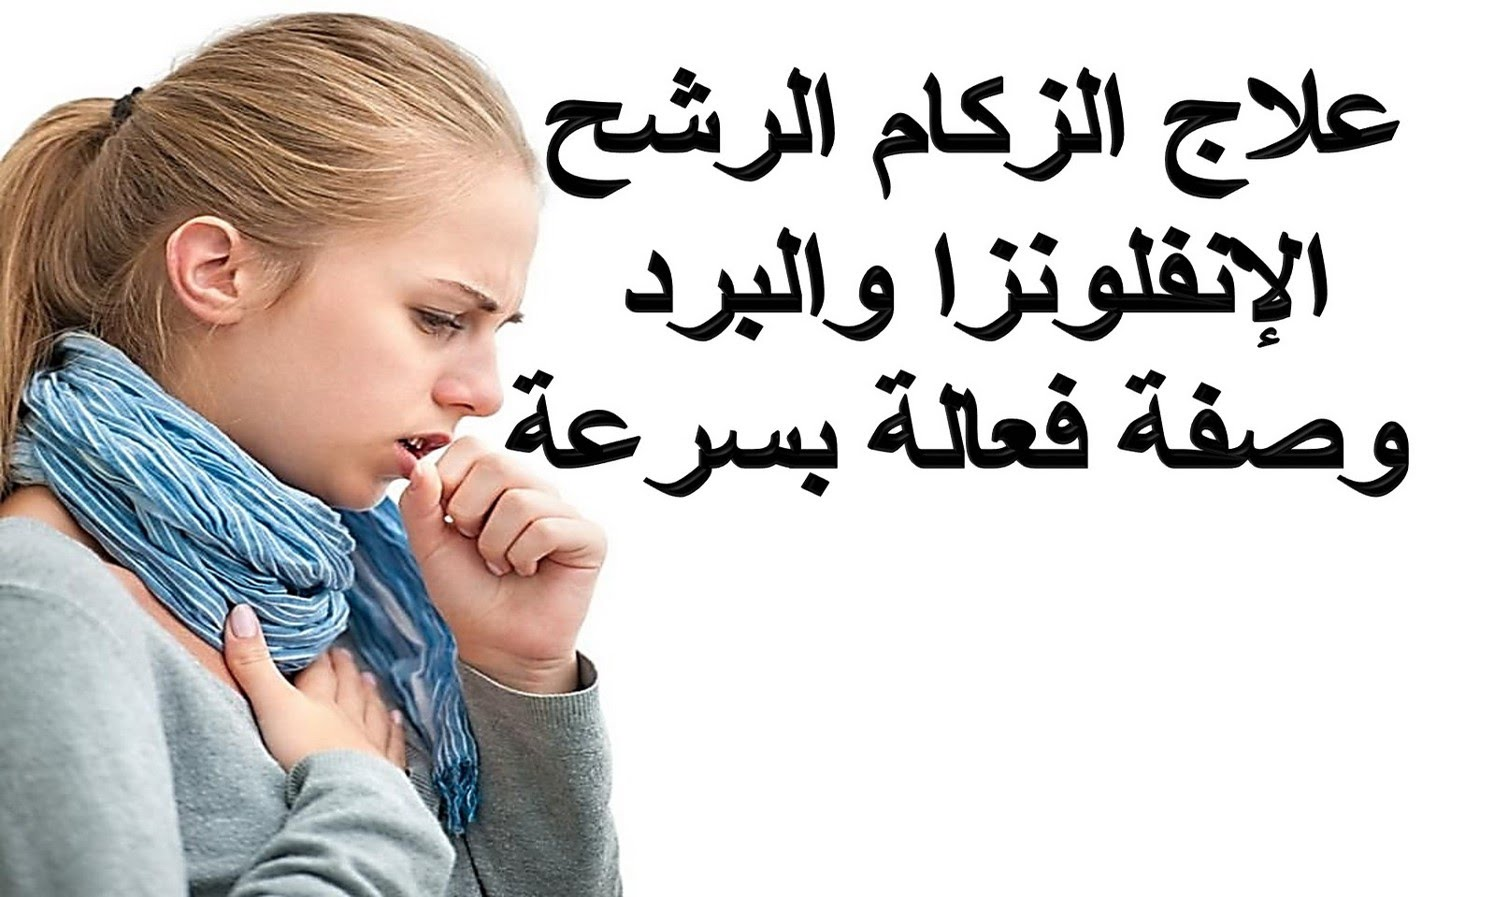 صور اعراض الزكام , تعرف على مرض الزكام وعلاجه